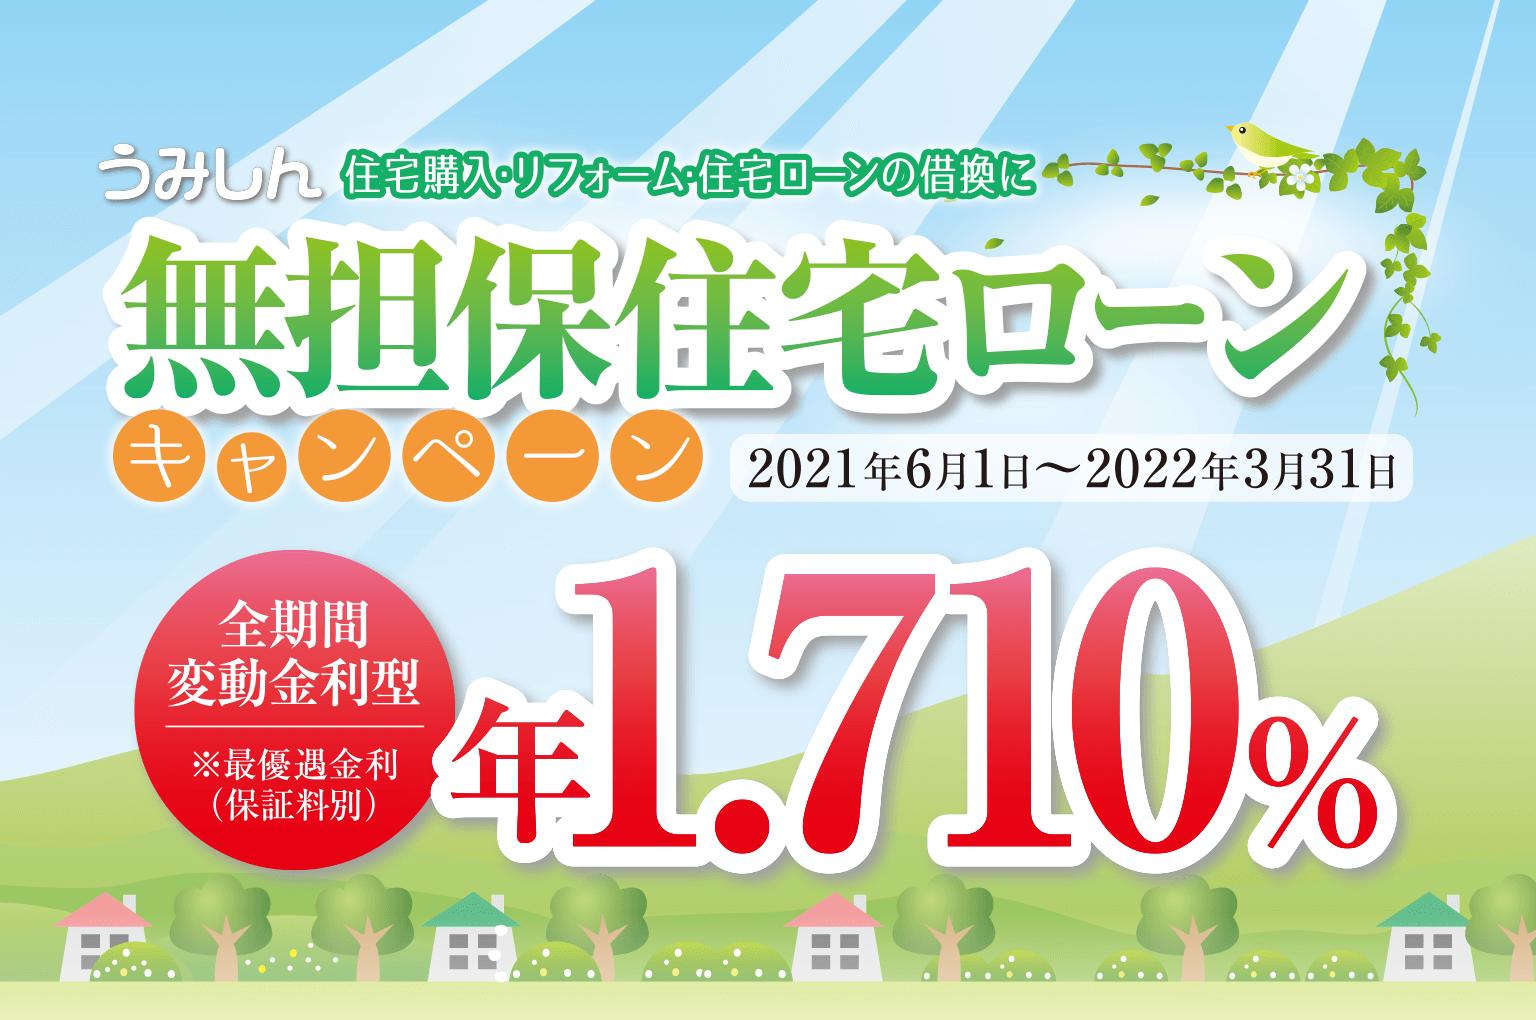 うみしん無担保住宅ローンキャンペーン